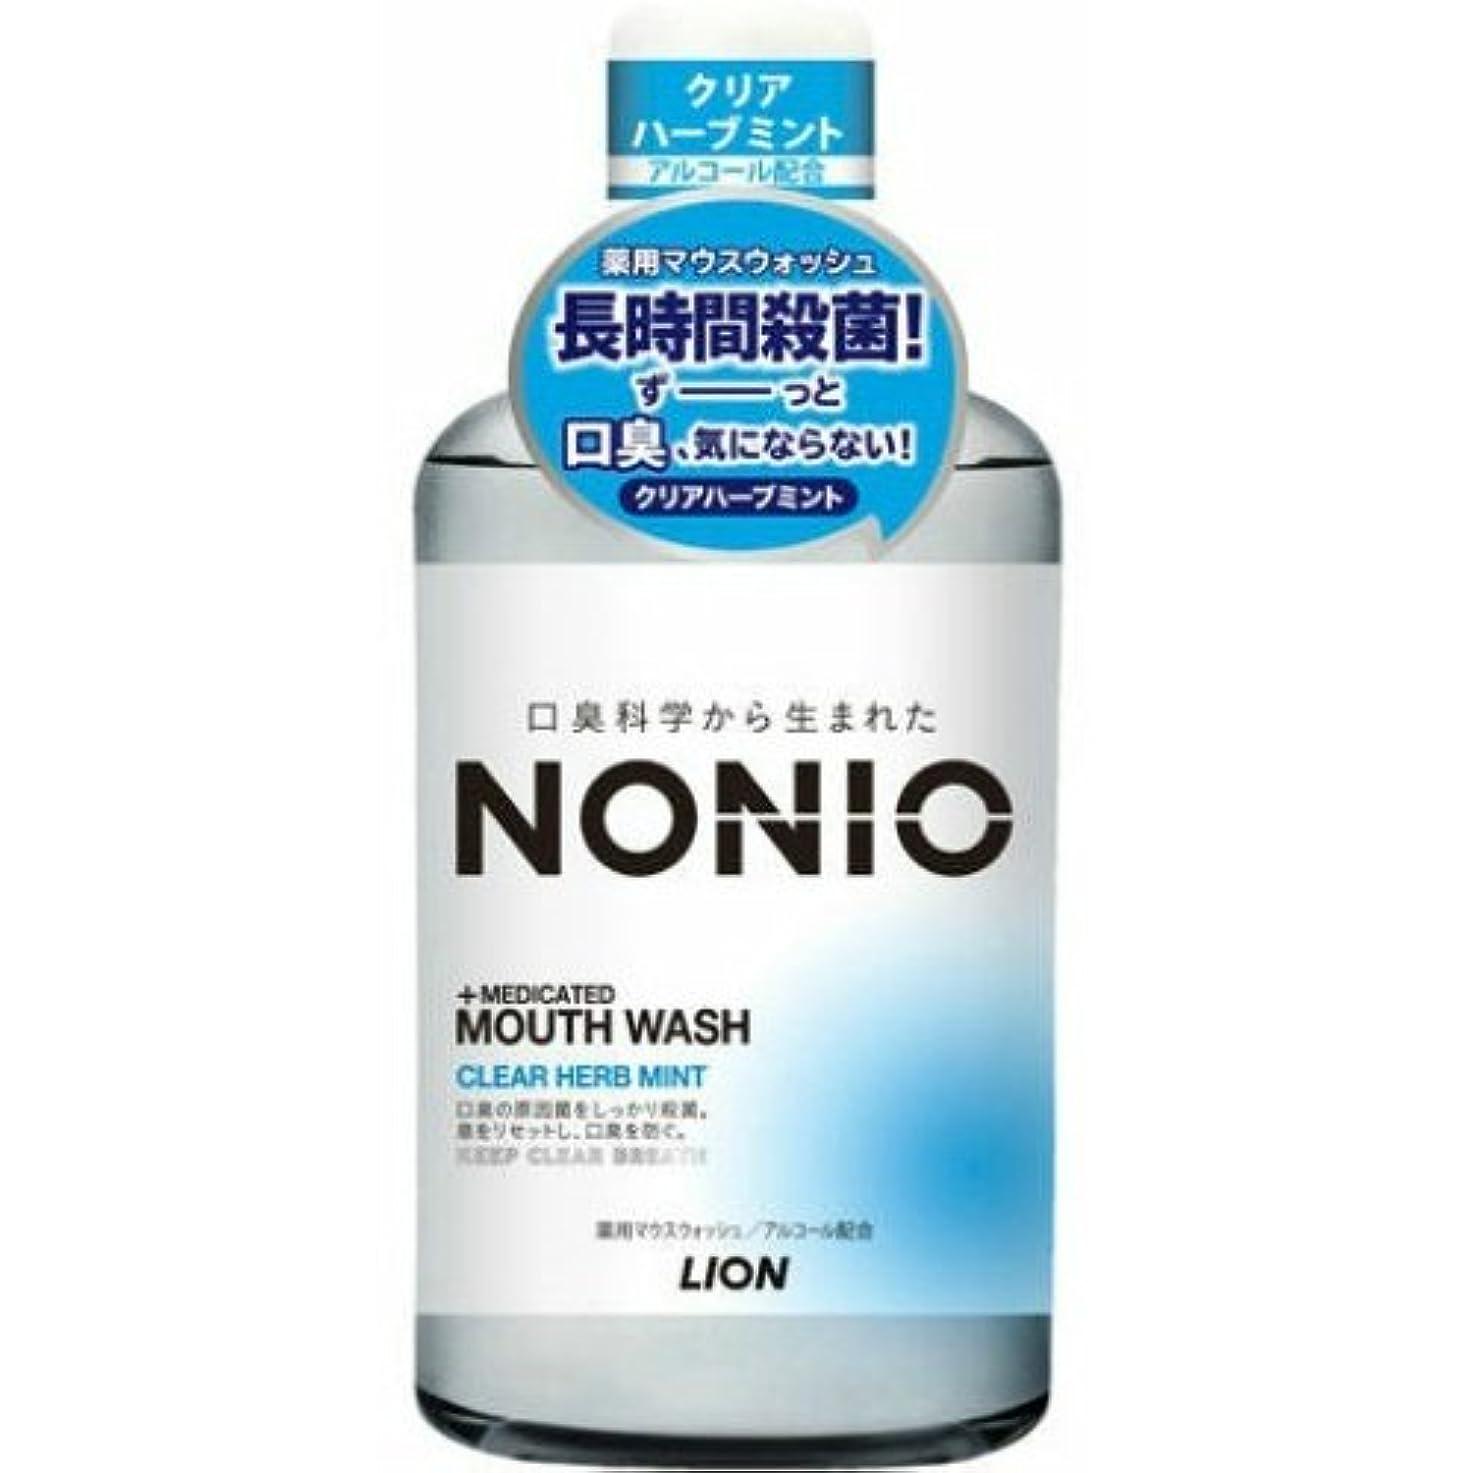 冷蔵庫適切に横たわるLION ライオン ノニオ NONIO 薬用マウスウォッシュ クリアハーブミント 600ml ×012点セット(4903301259350)